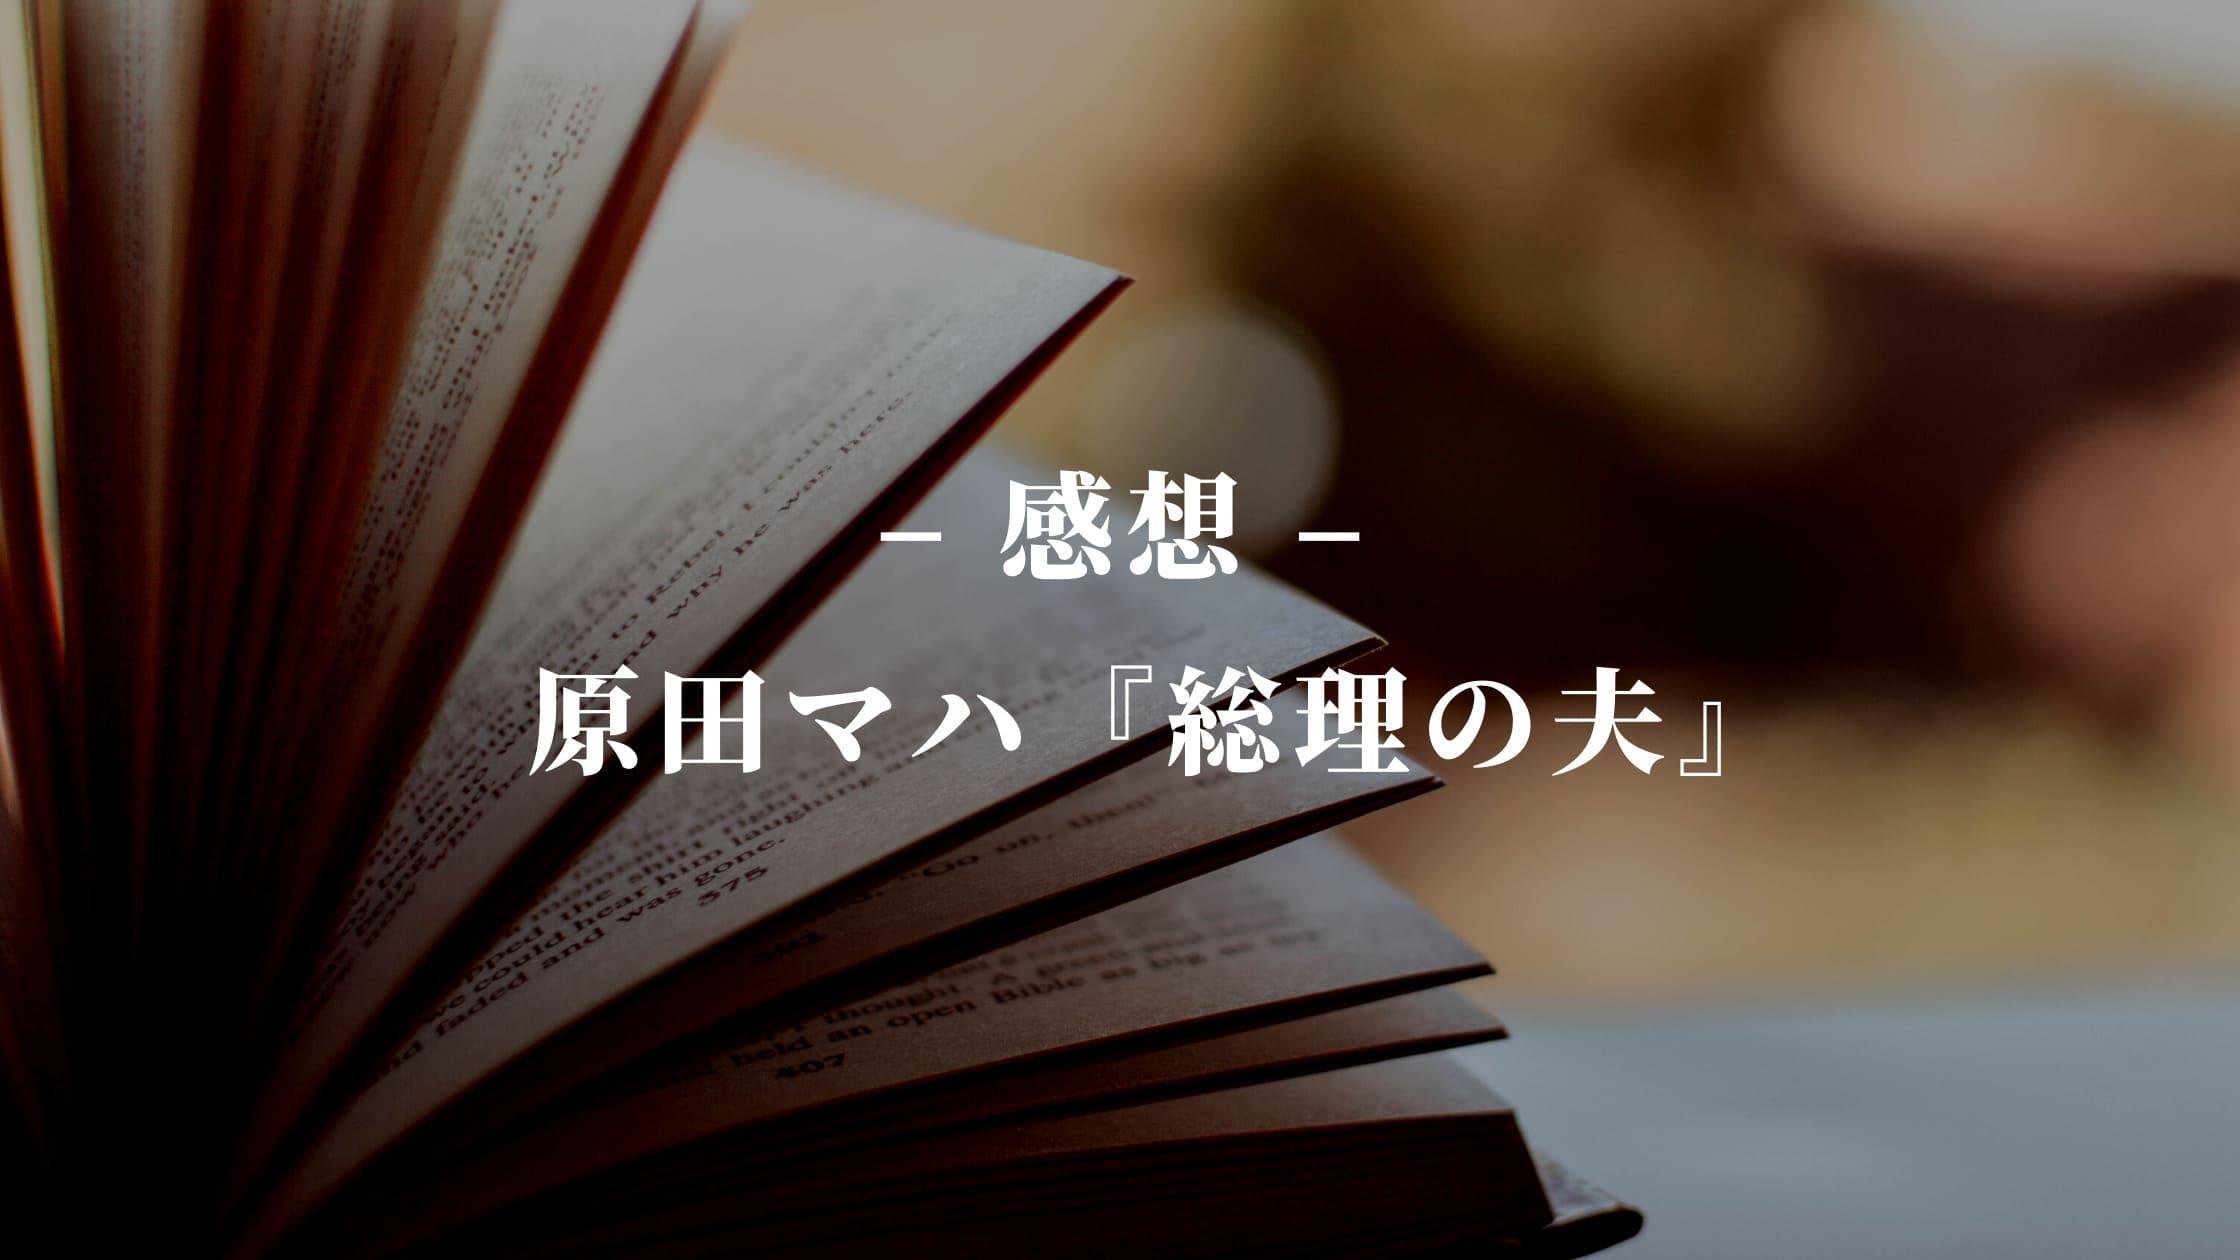 原田マハの小説『総理の夫』の感想